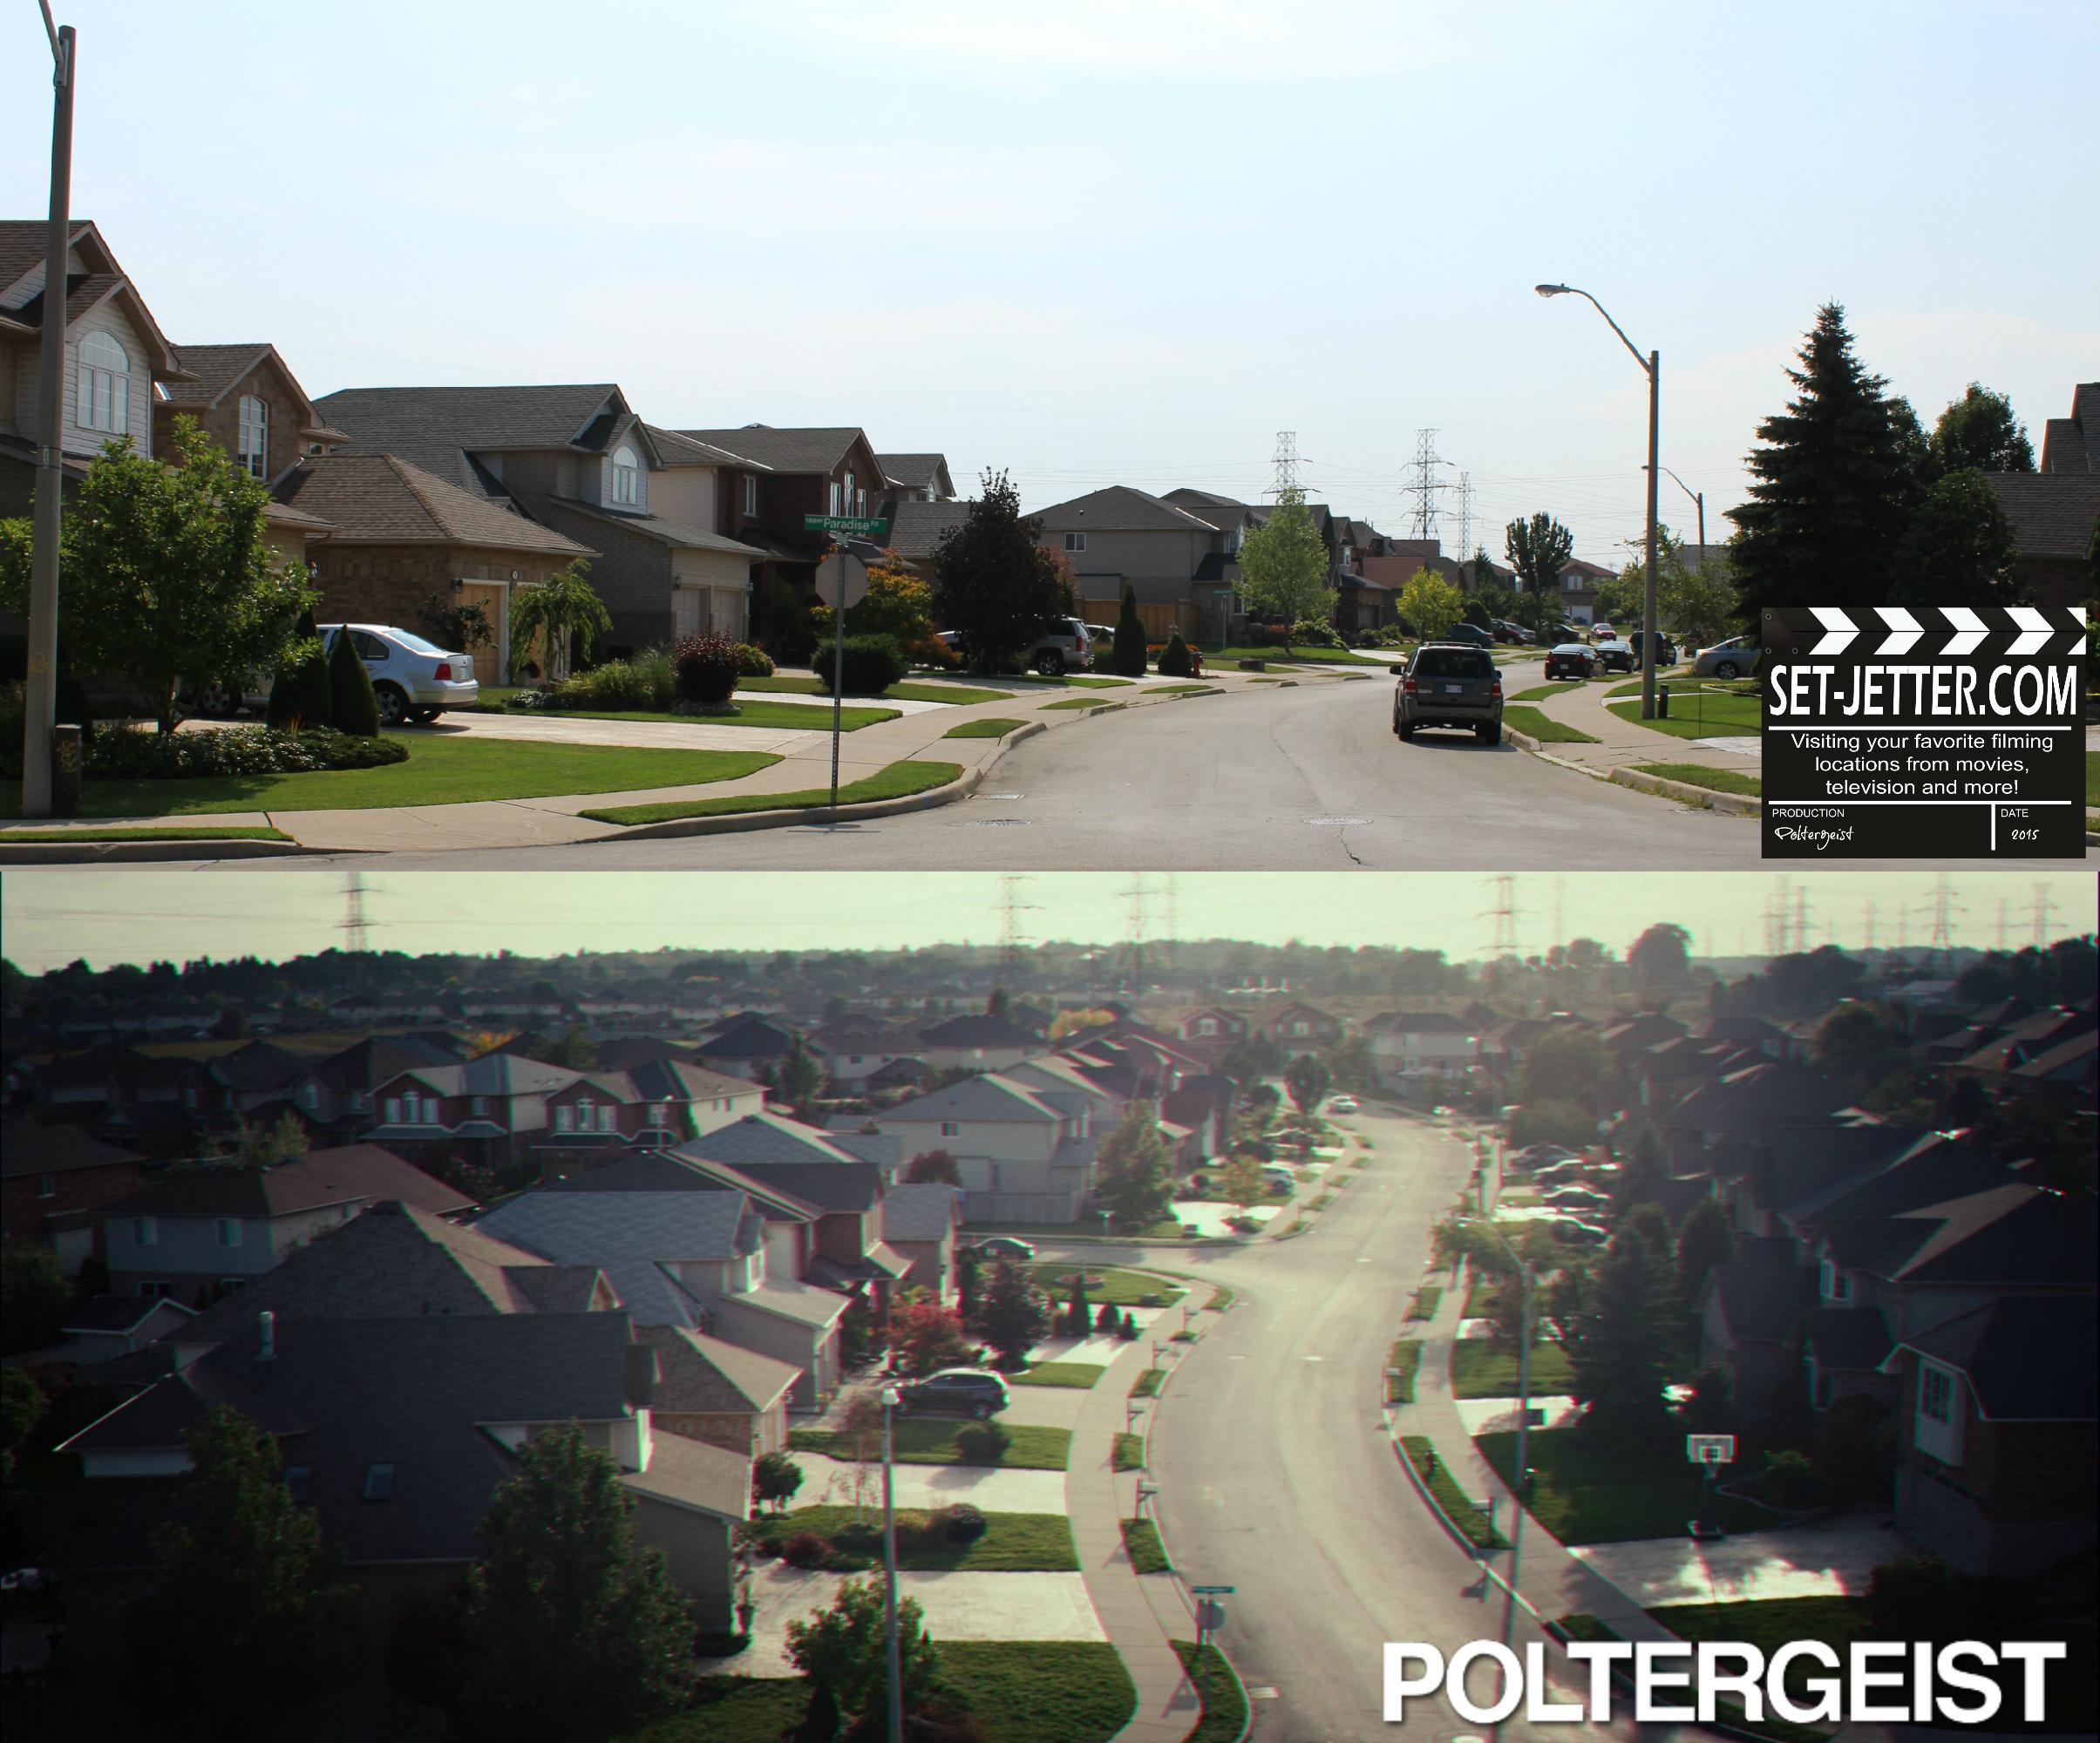 Poltergeist comparison 90.jpg